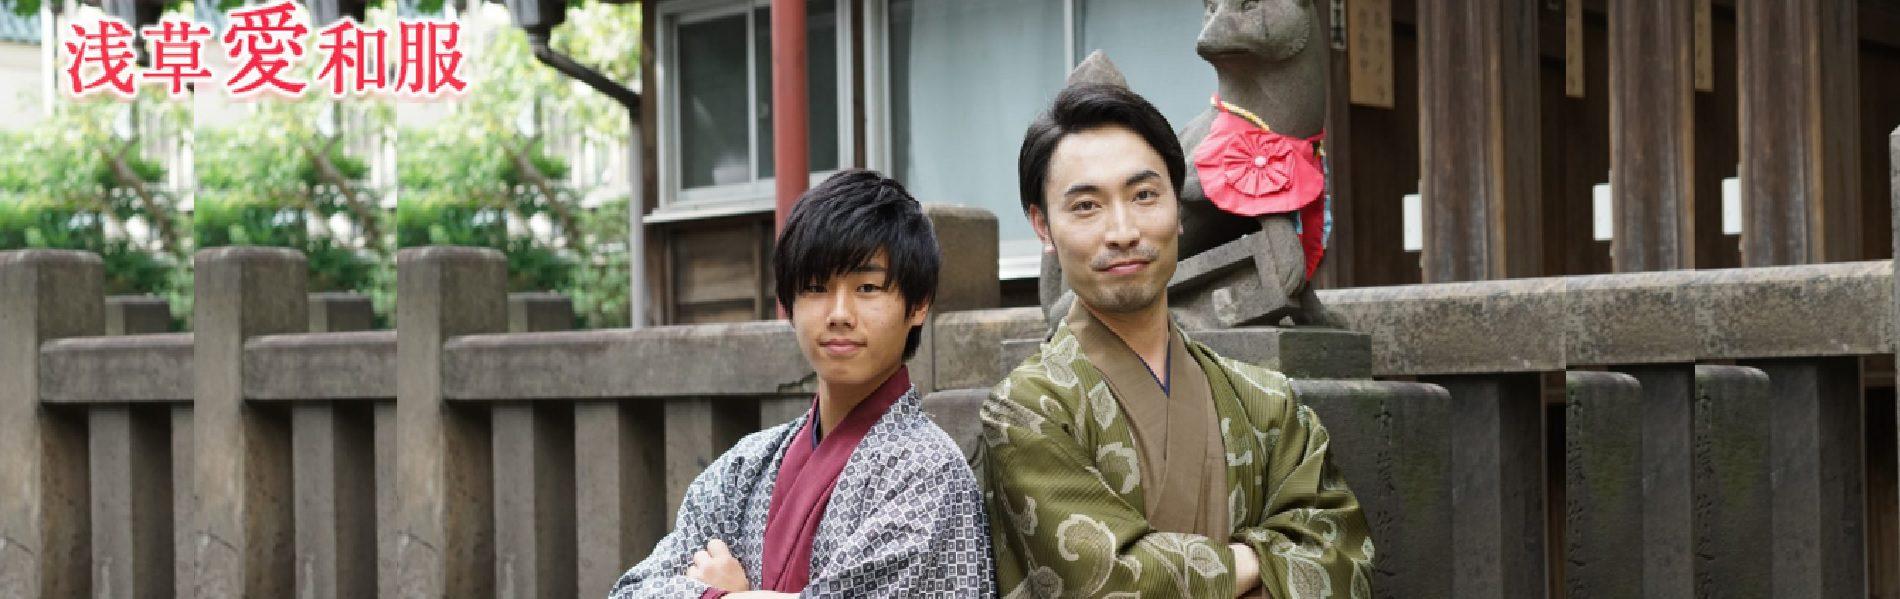 東京着物レンタル浅草愛和服の男性モデル